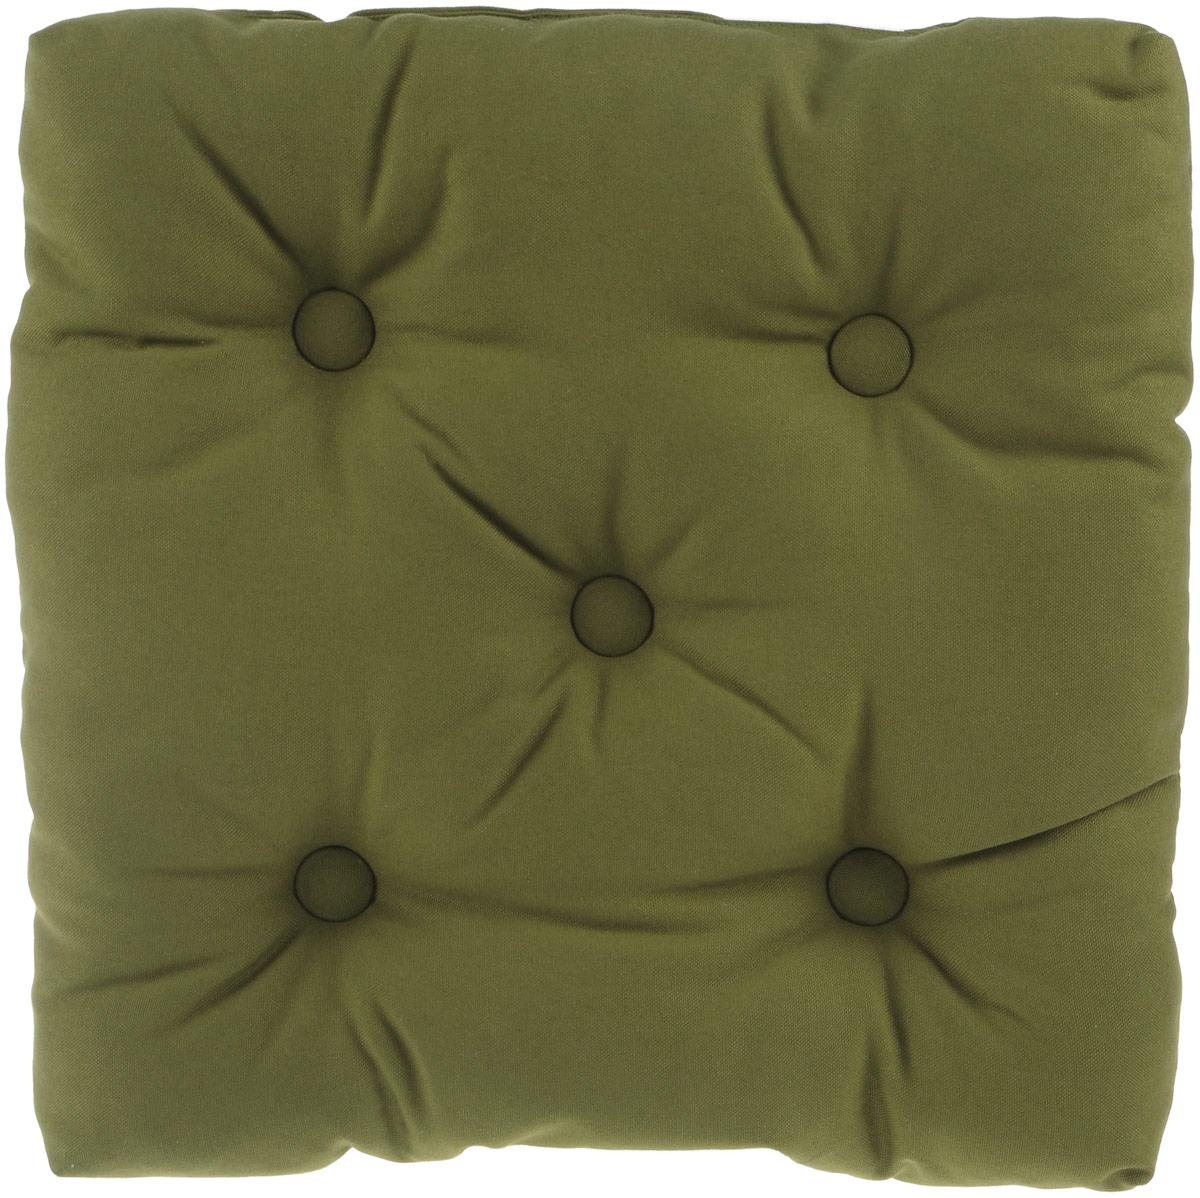 Подушка на стул KauffOrt Комо, цвет: зеленый, 40 x 40 смVT-1520(SR)Подушка на стул KauffOrt Комо не только красиво дополнит интерьер кухни, но и обеспечит комфорт при сидении. Чехол выполнен из хлопка, а наполнитель из холлофайбера. Подушка легко крепится на стул с помощью завязок. Правильно сидеть - значит сохранить здоровье на долгие годы. Жесткие сидения подвергают наше здоровье опасности. Подушка с мягким наполнителем поможет предотвратить большинство нежелательных последствий сидячего образа жизни.Толщина подушки: 10 см.